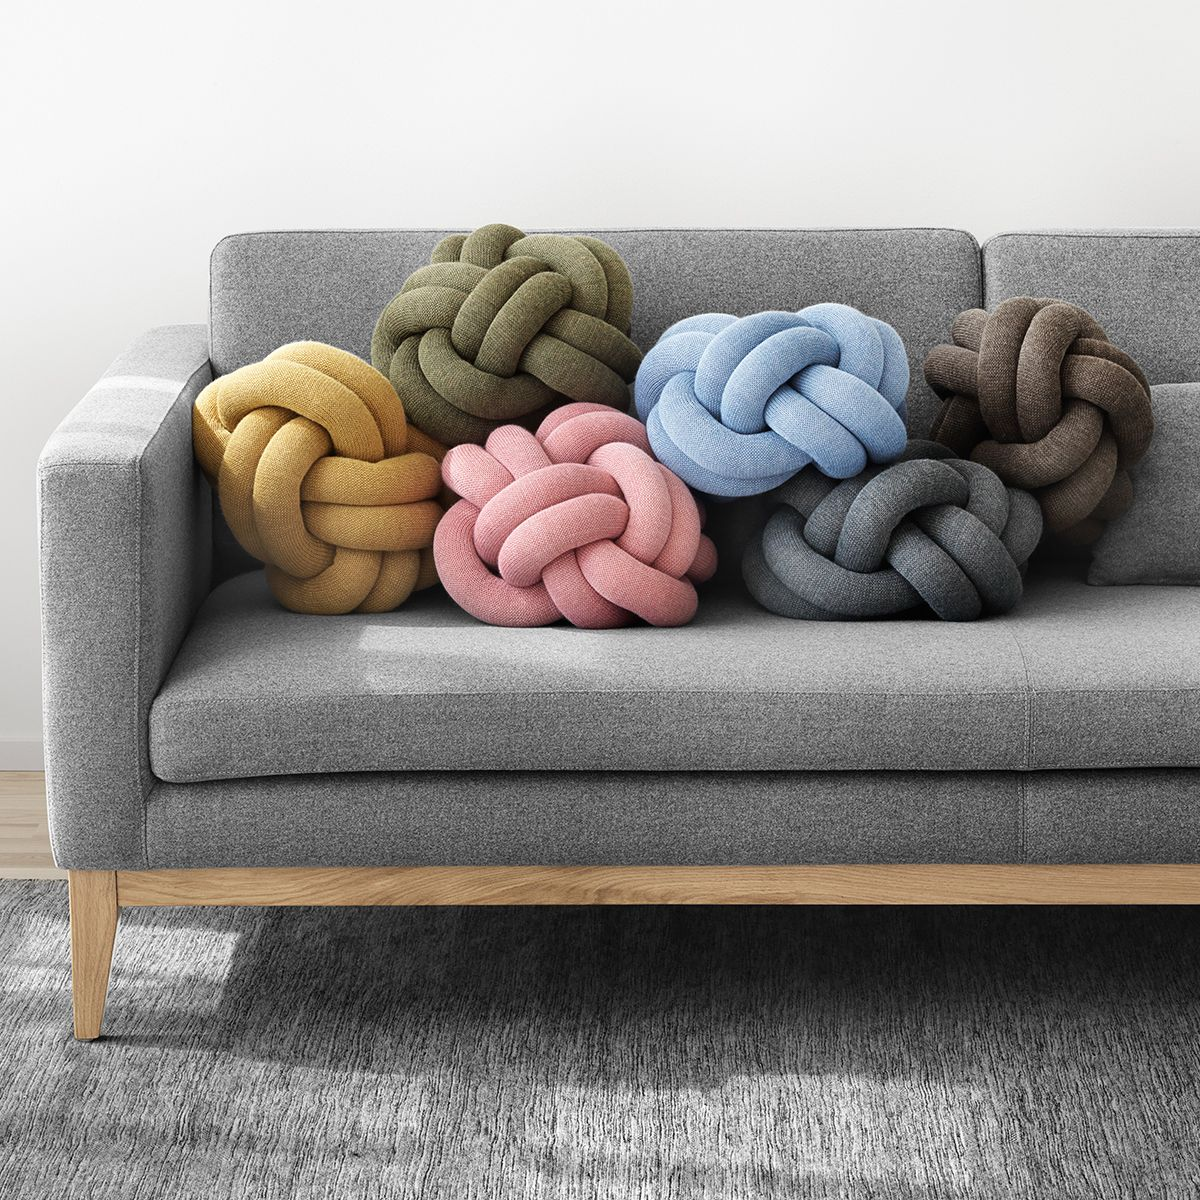 cojines knot sobre el sofá day